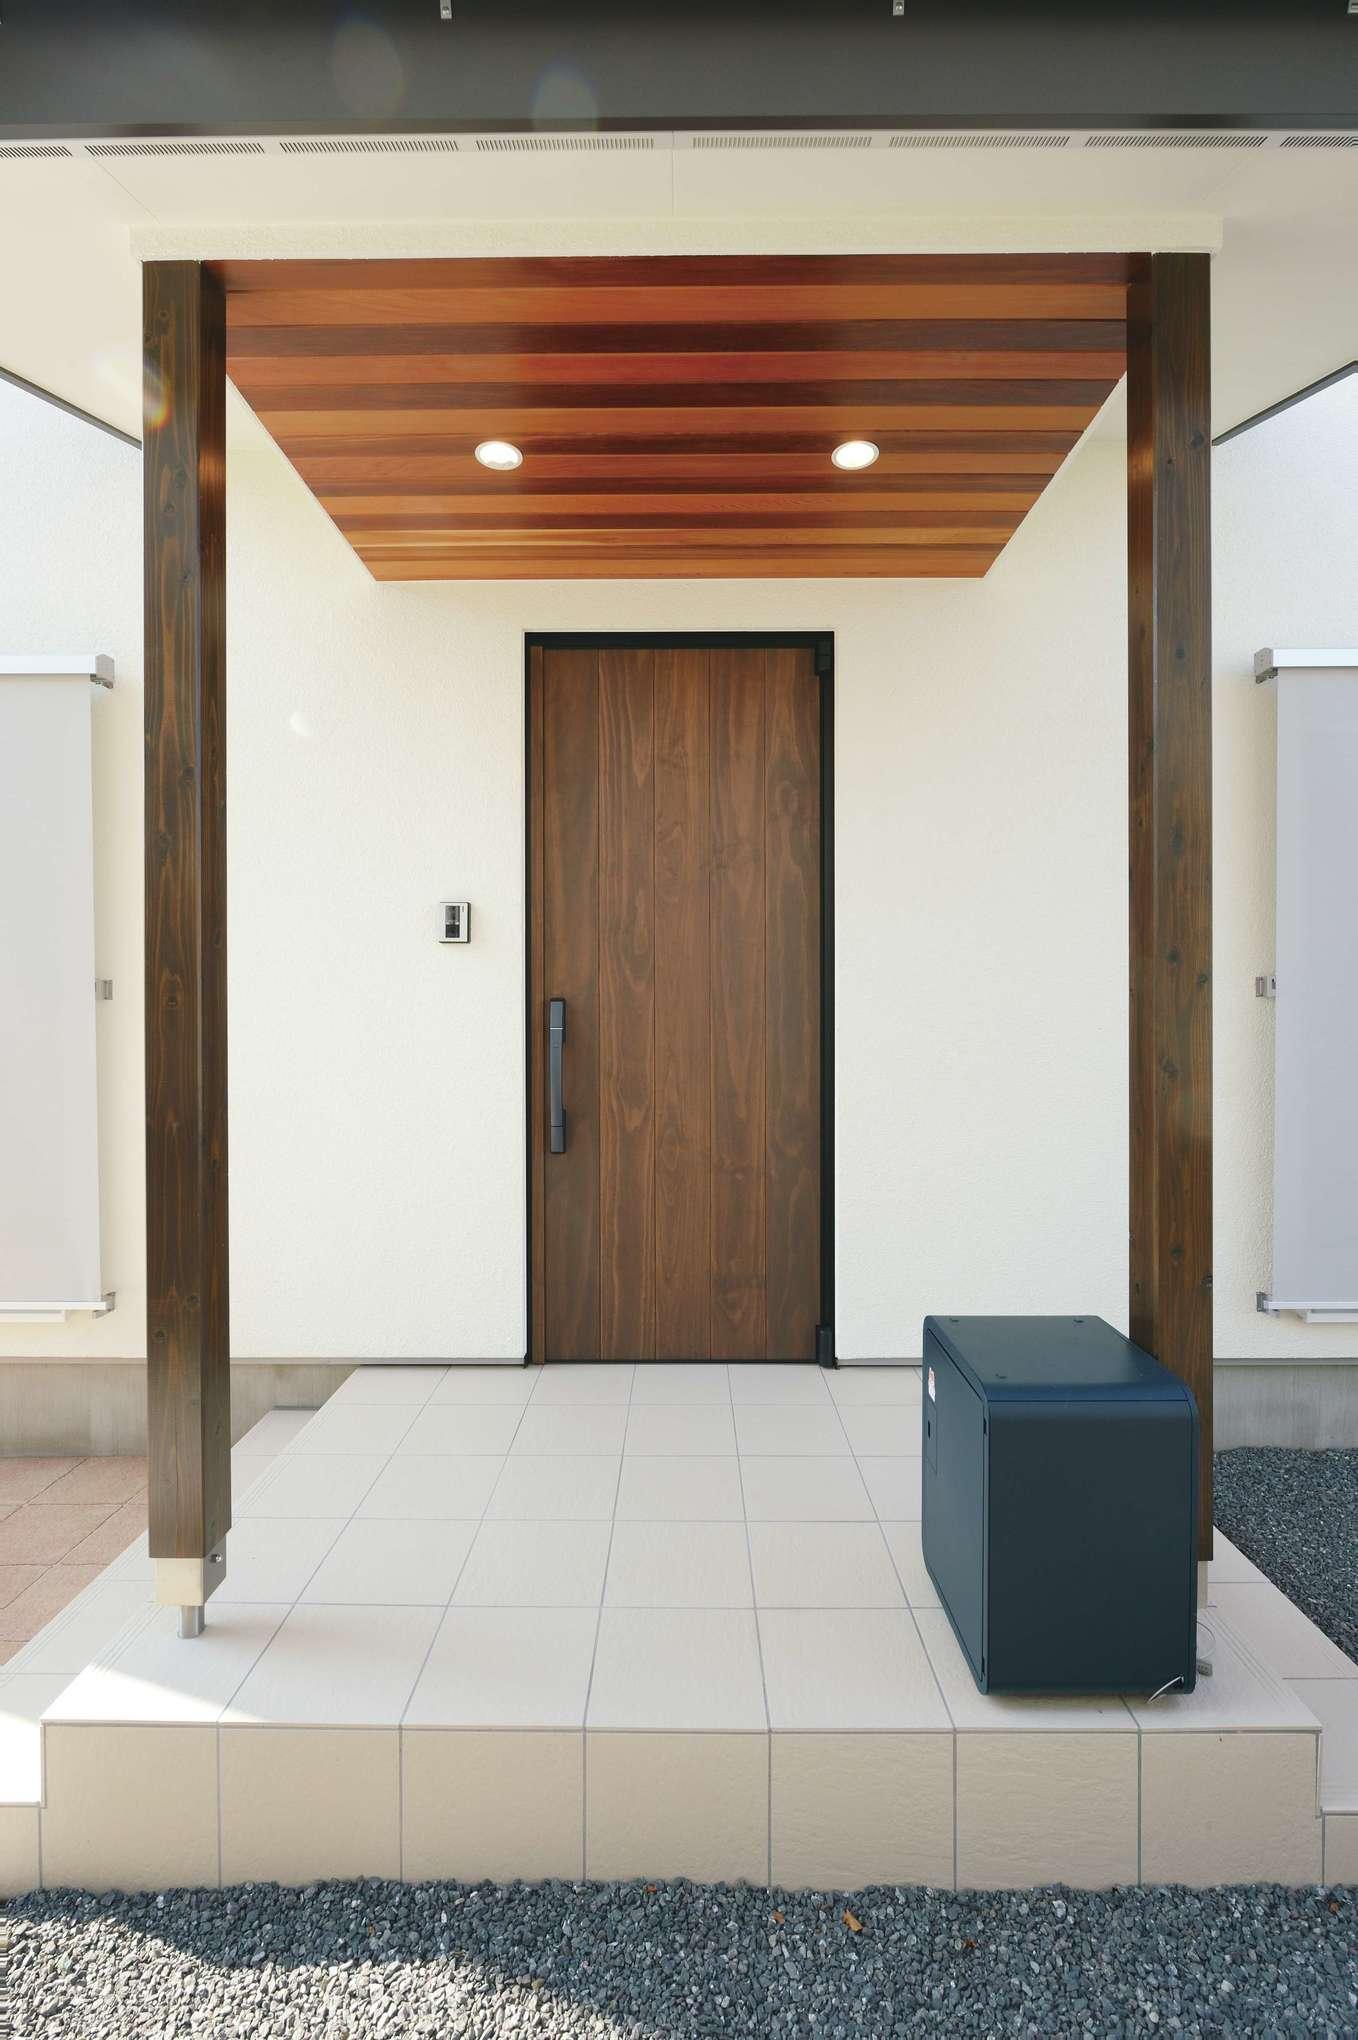 低燃費住宅 静岡(TK武田建築)【子育て、自然素材、省エネ】ダイニングの天井と同じ木材を使った庇がおしゃれ